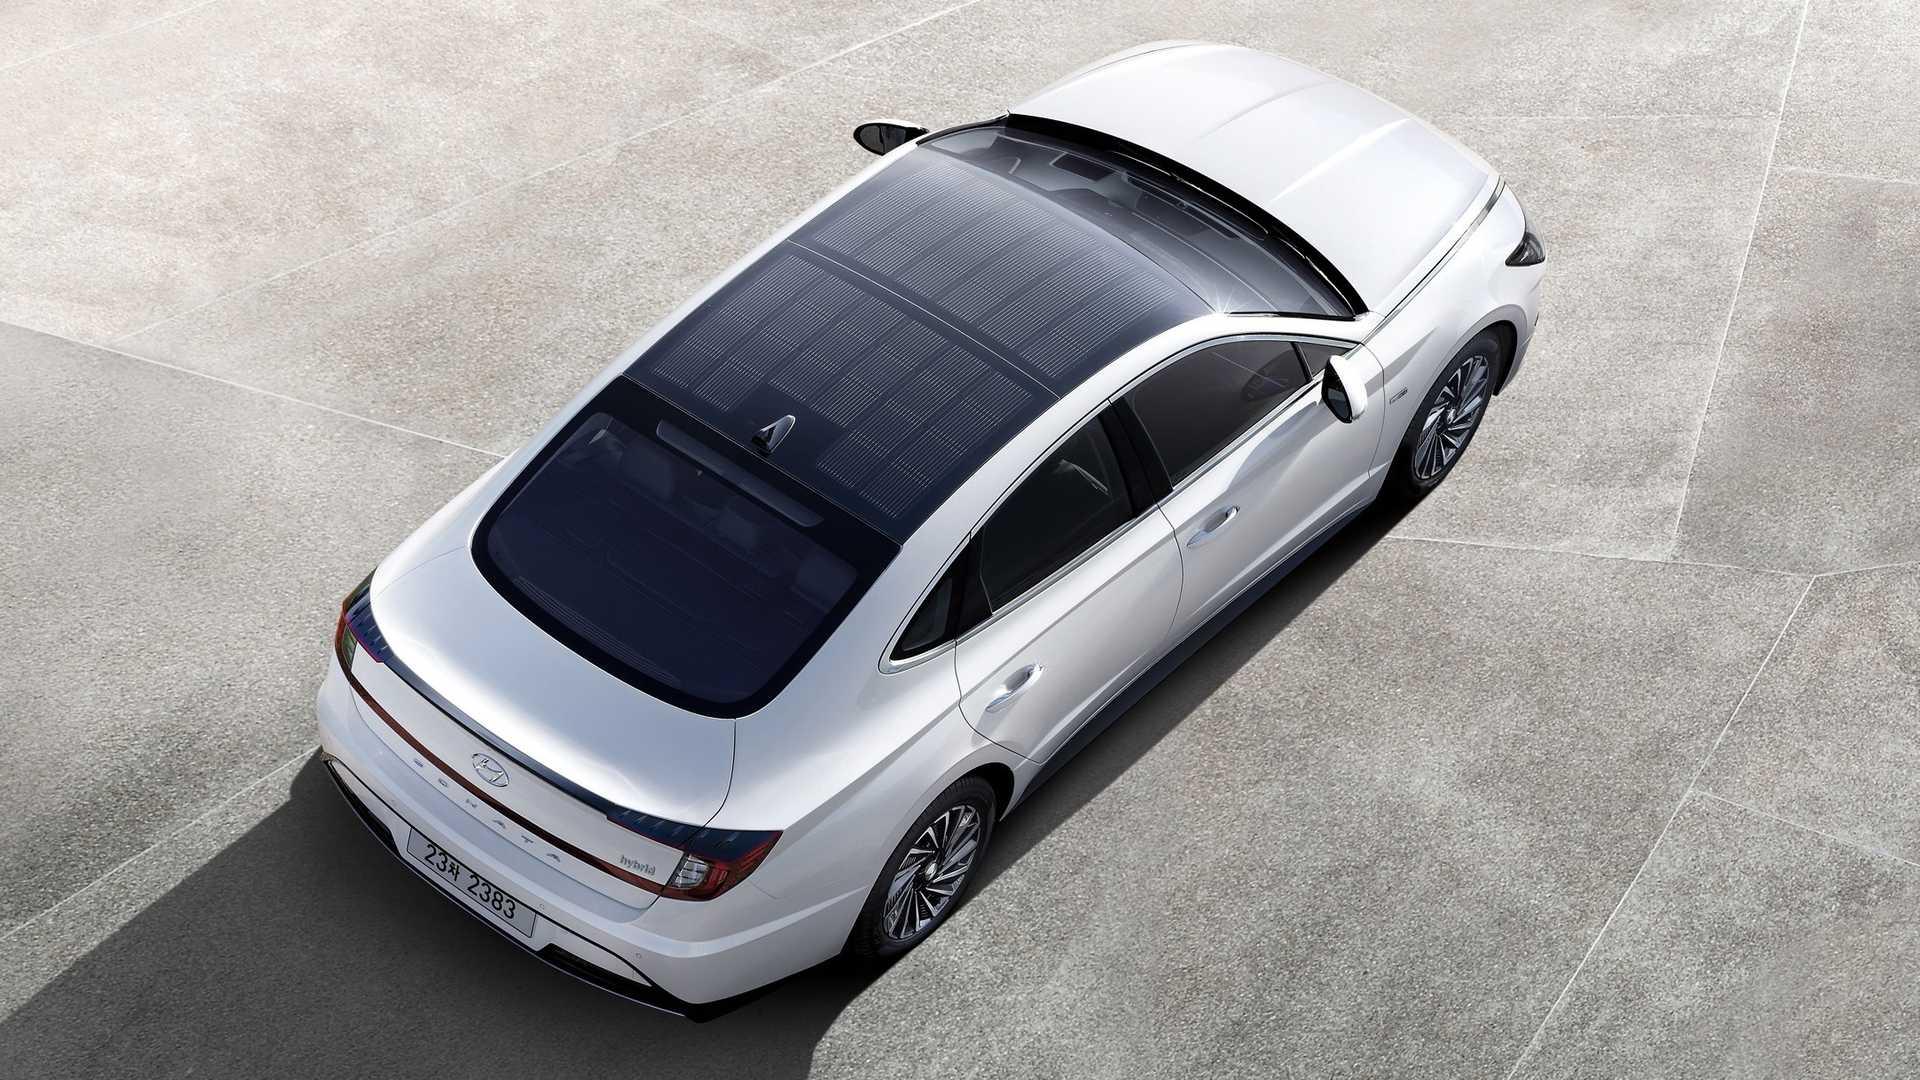 2020-hyundai-sonata-hybrid (3).jpg